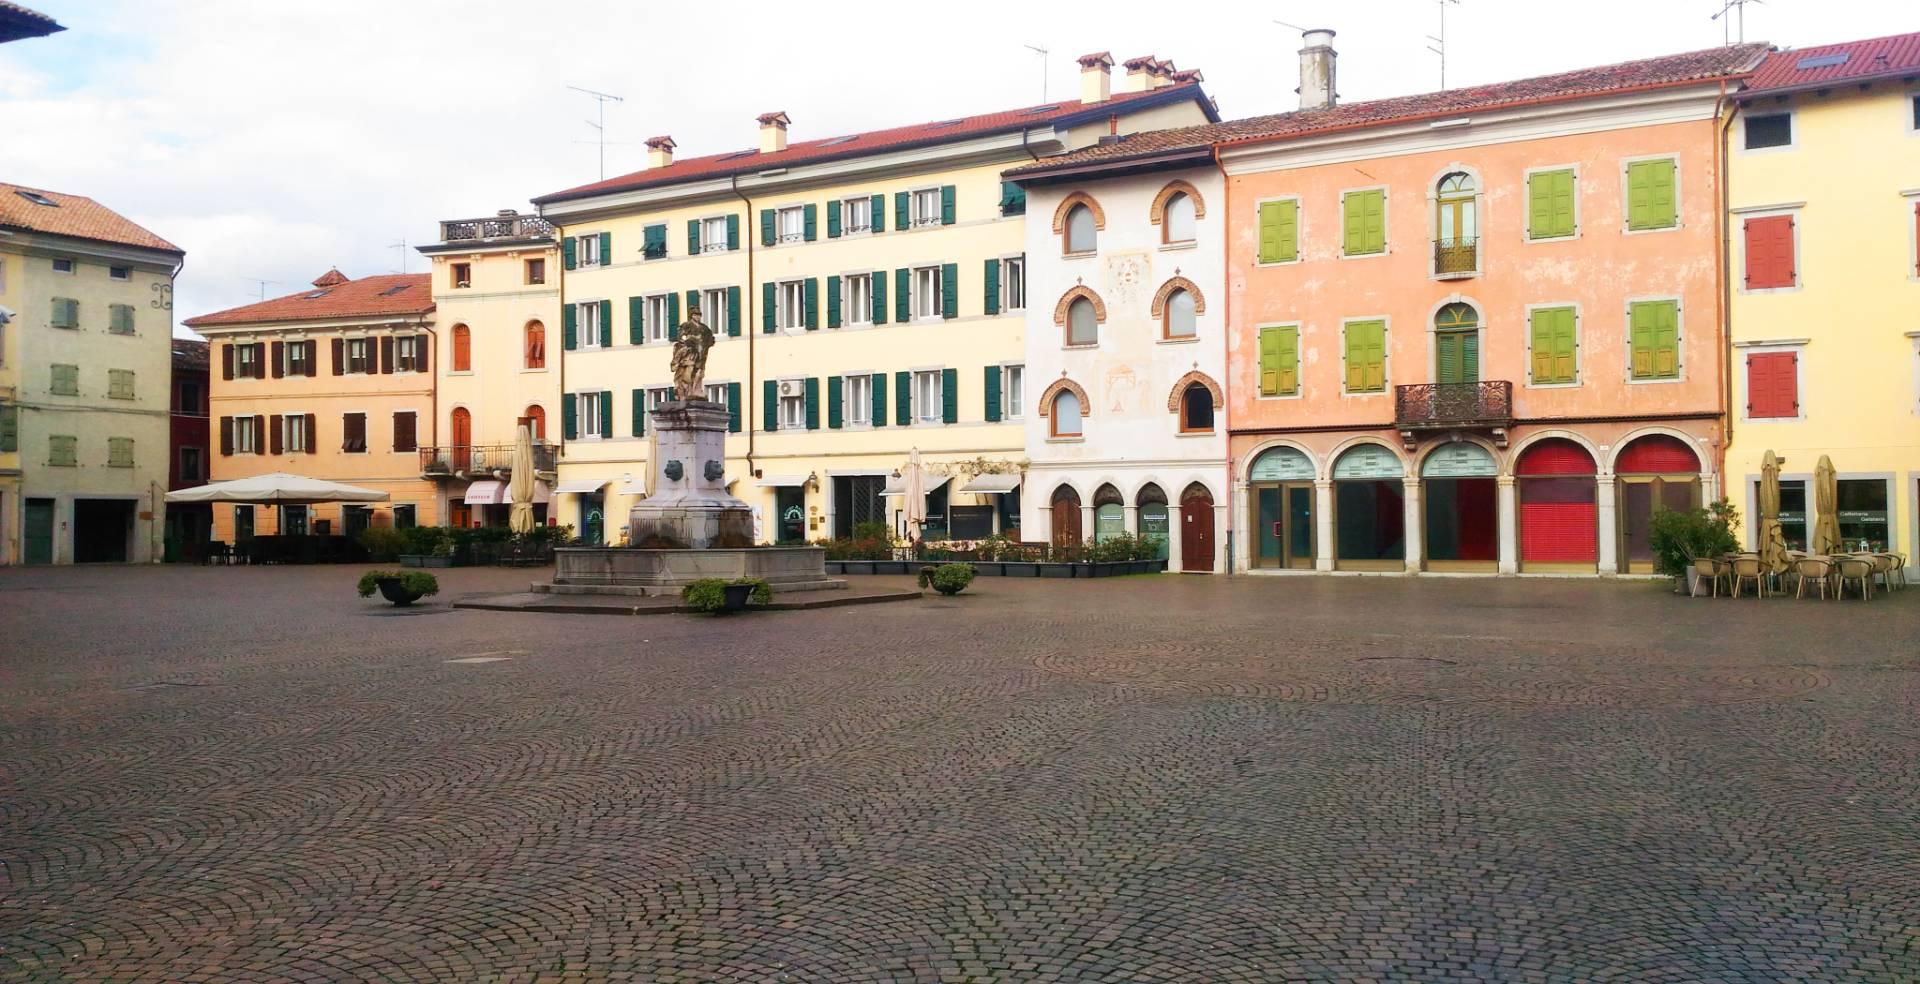 Negozio / Locale in vendita a Cividale del Friuli, 9999 locali, prezzo € 150.000 | CambioCasa.it